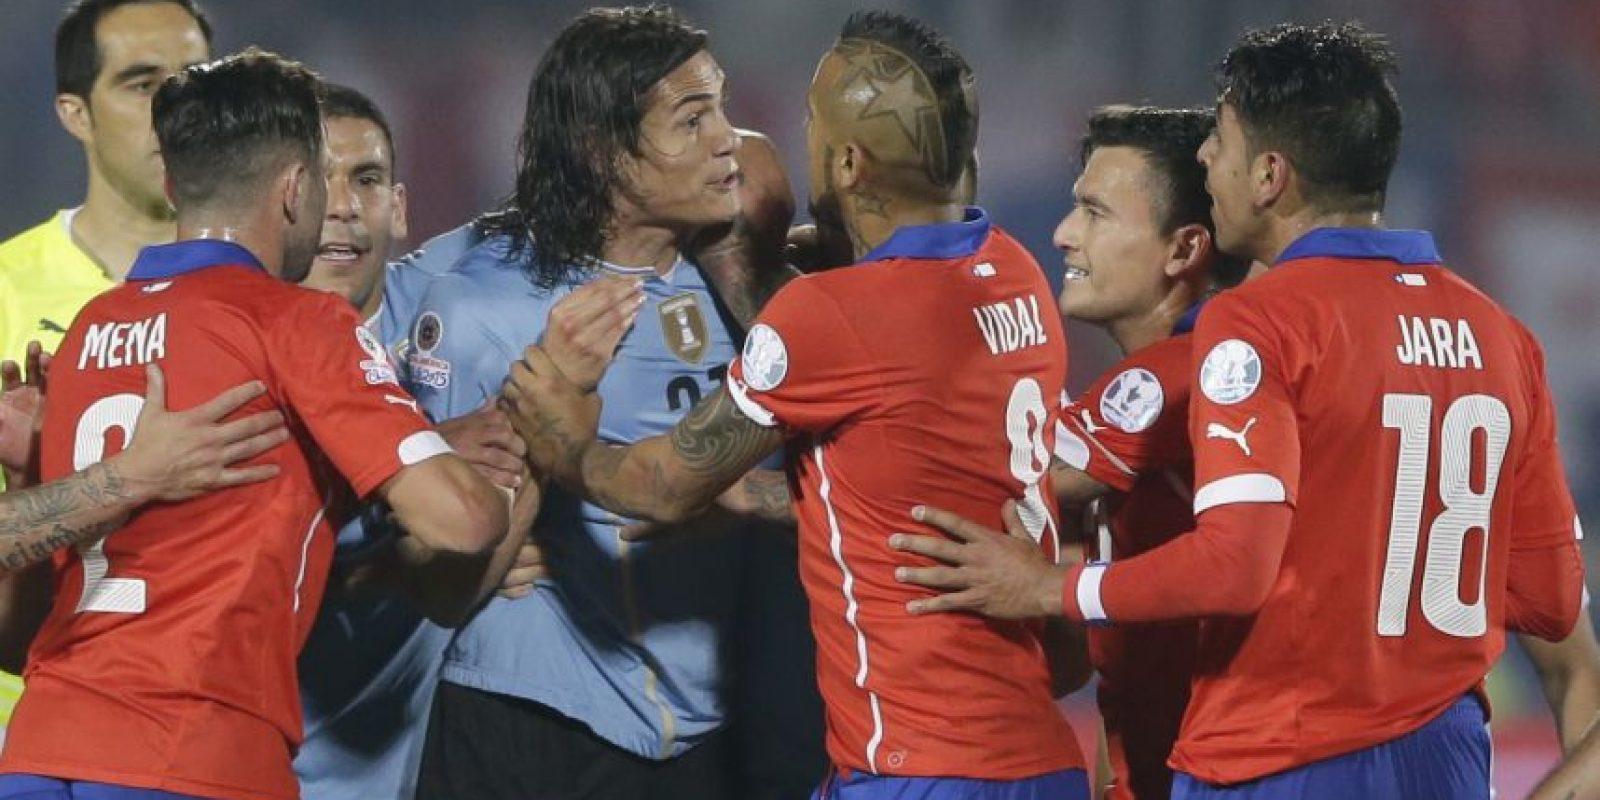 La mamá de Gonzalo Jara habría sido una de las agresoras, según la periodista colombiana de Radio Caracol, Vanessa Palacio Foto:AFP